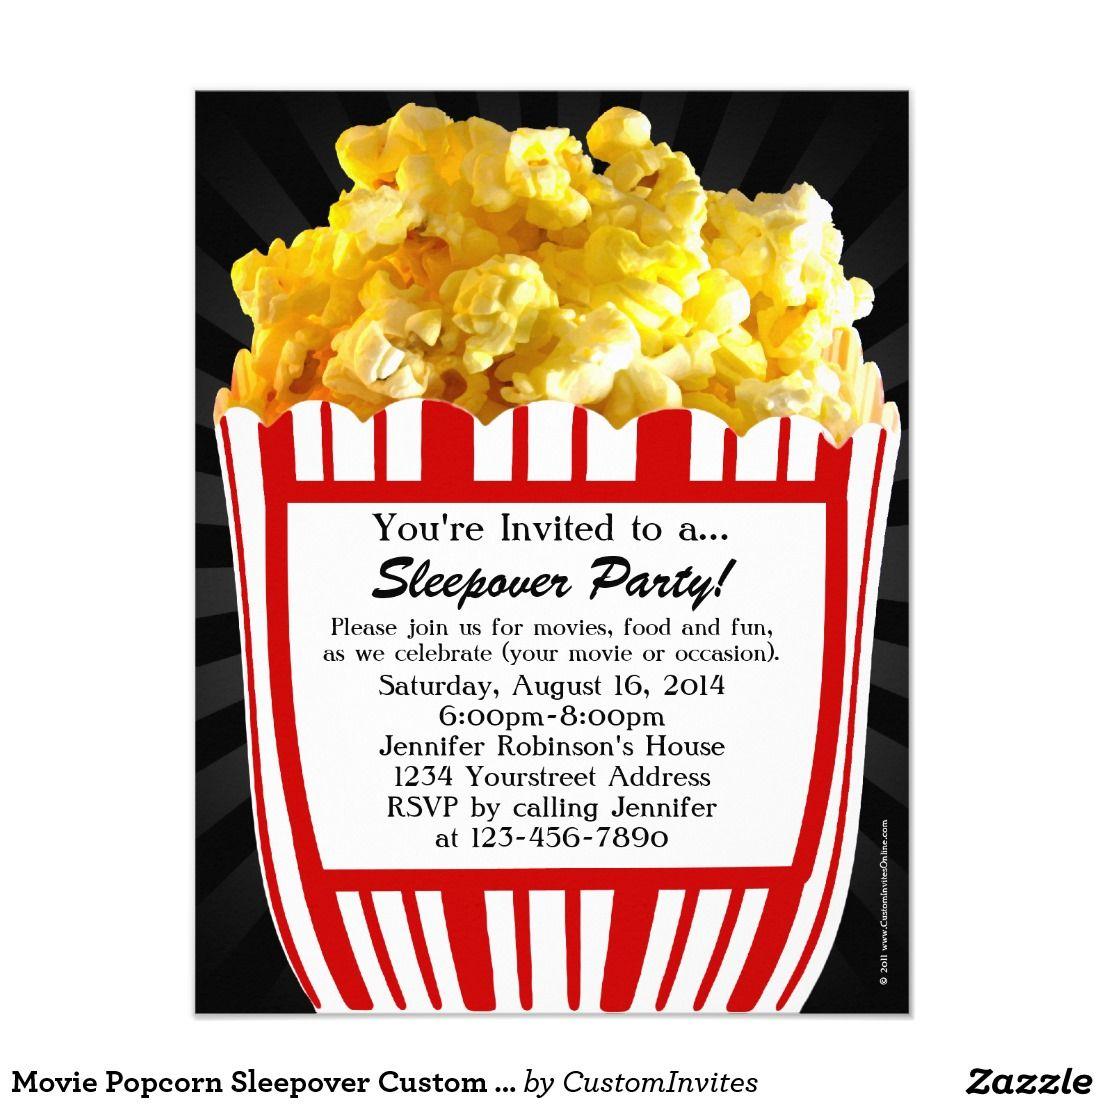 Movie Popcorn Sleepover Custom Party Invitations | Giana\'s Birthday ...